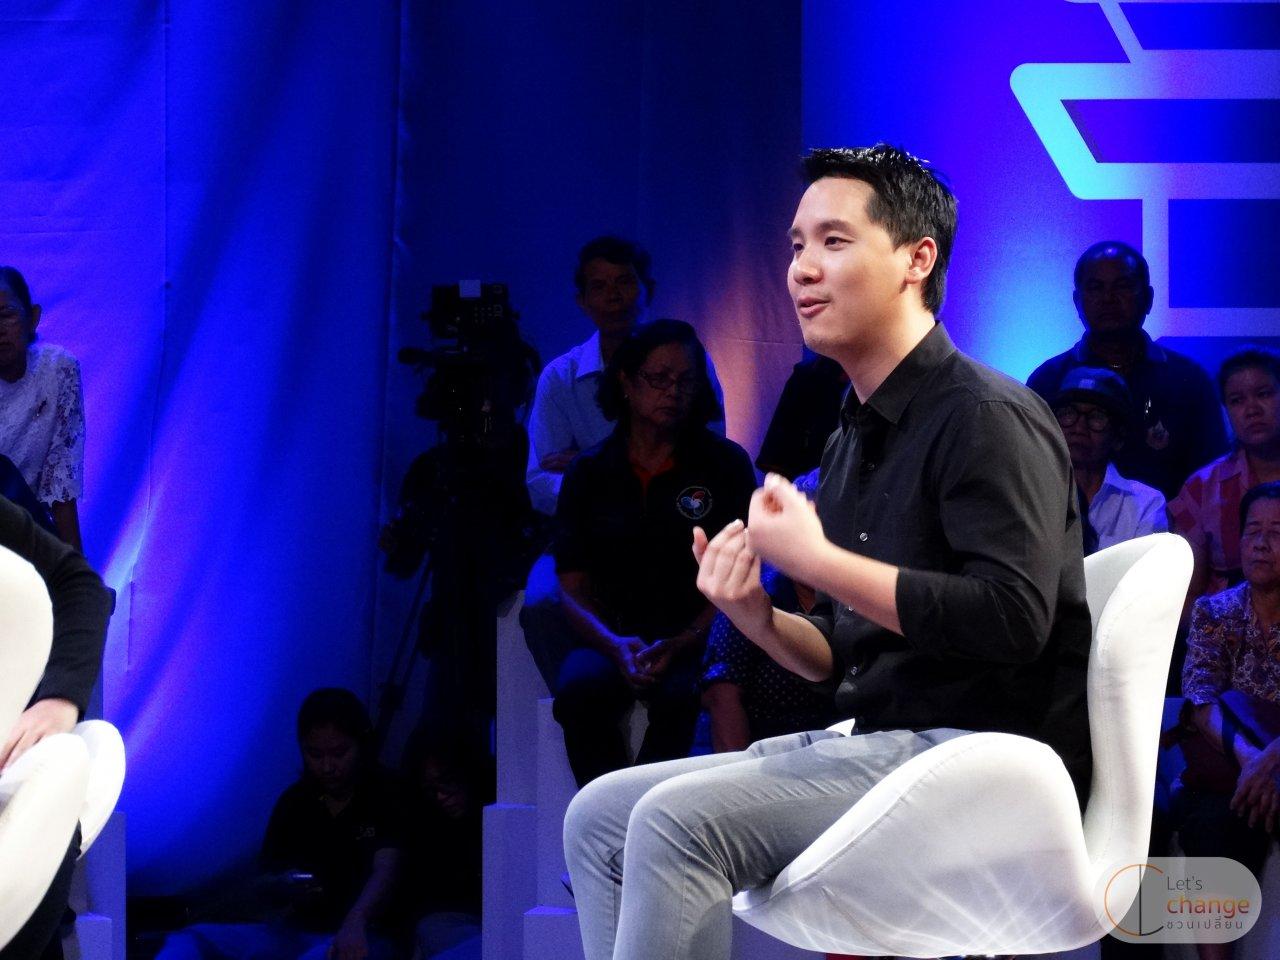 ปราบ เลาหะโรจนพันธ์ : ผู้ก่อตั้งโครงการ Rethink Thailand